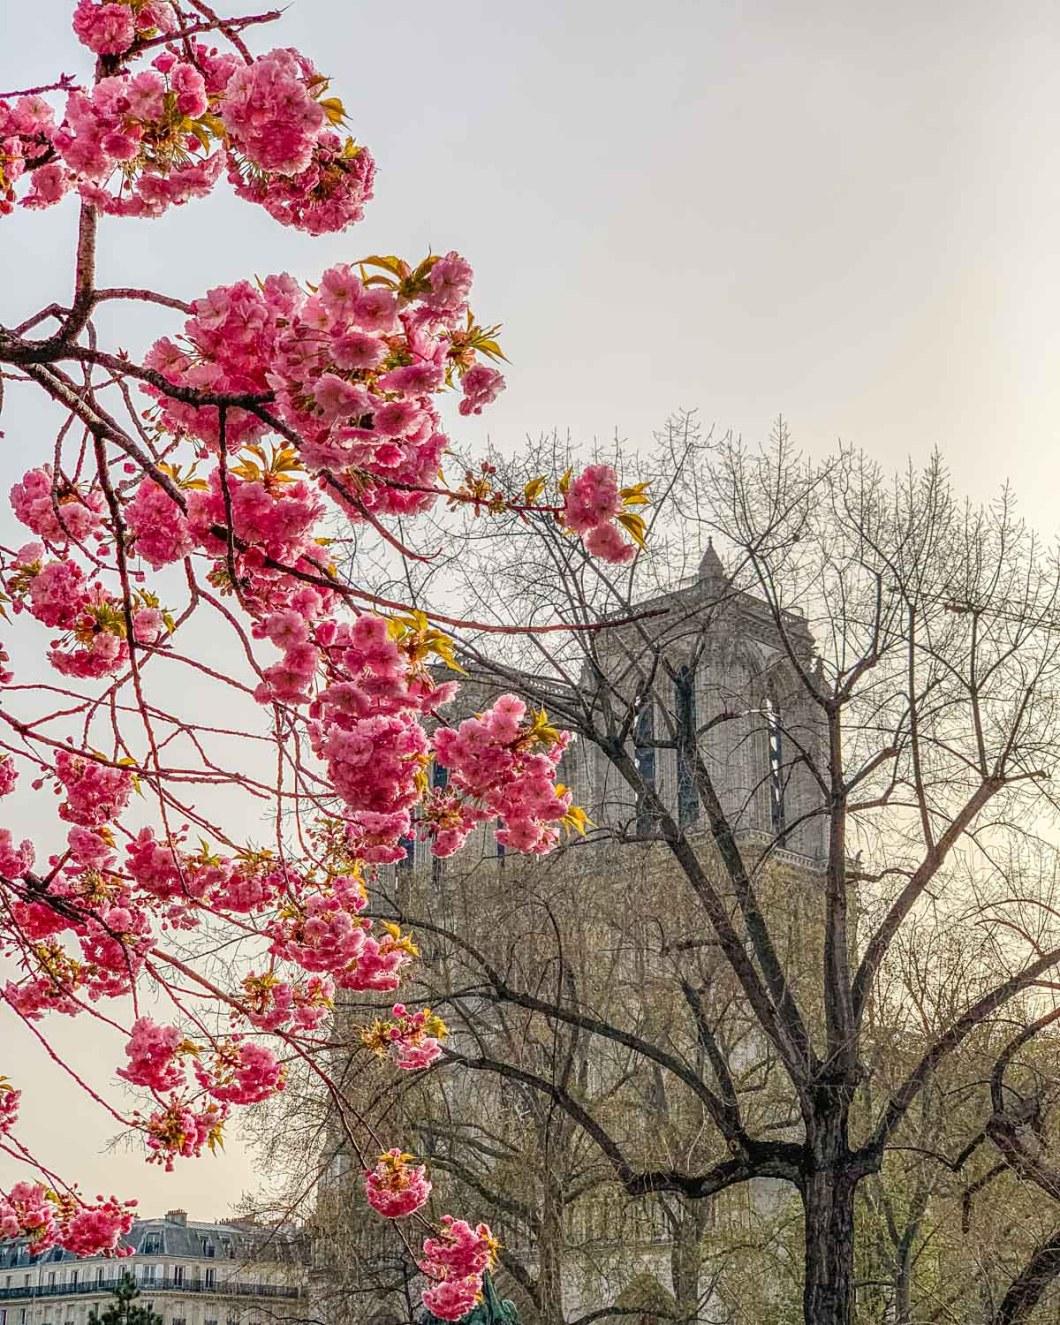 Cherry blossoms at Notre Dame - Paris